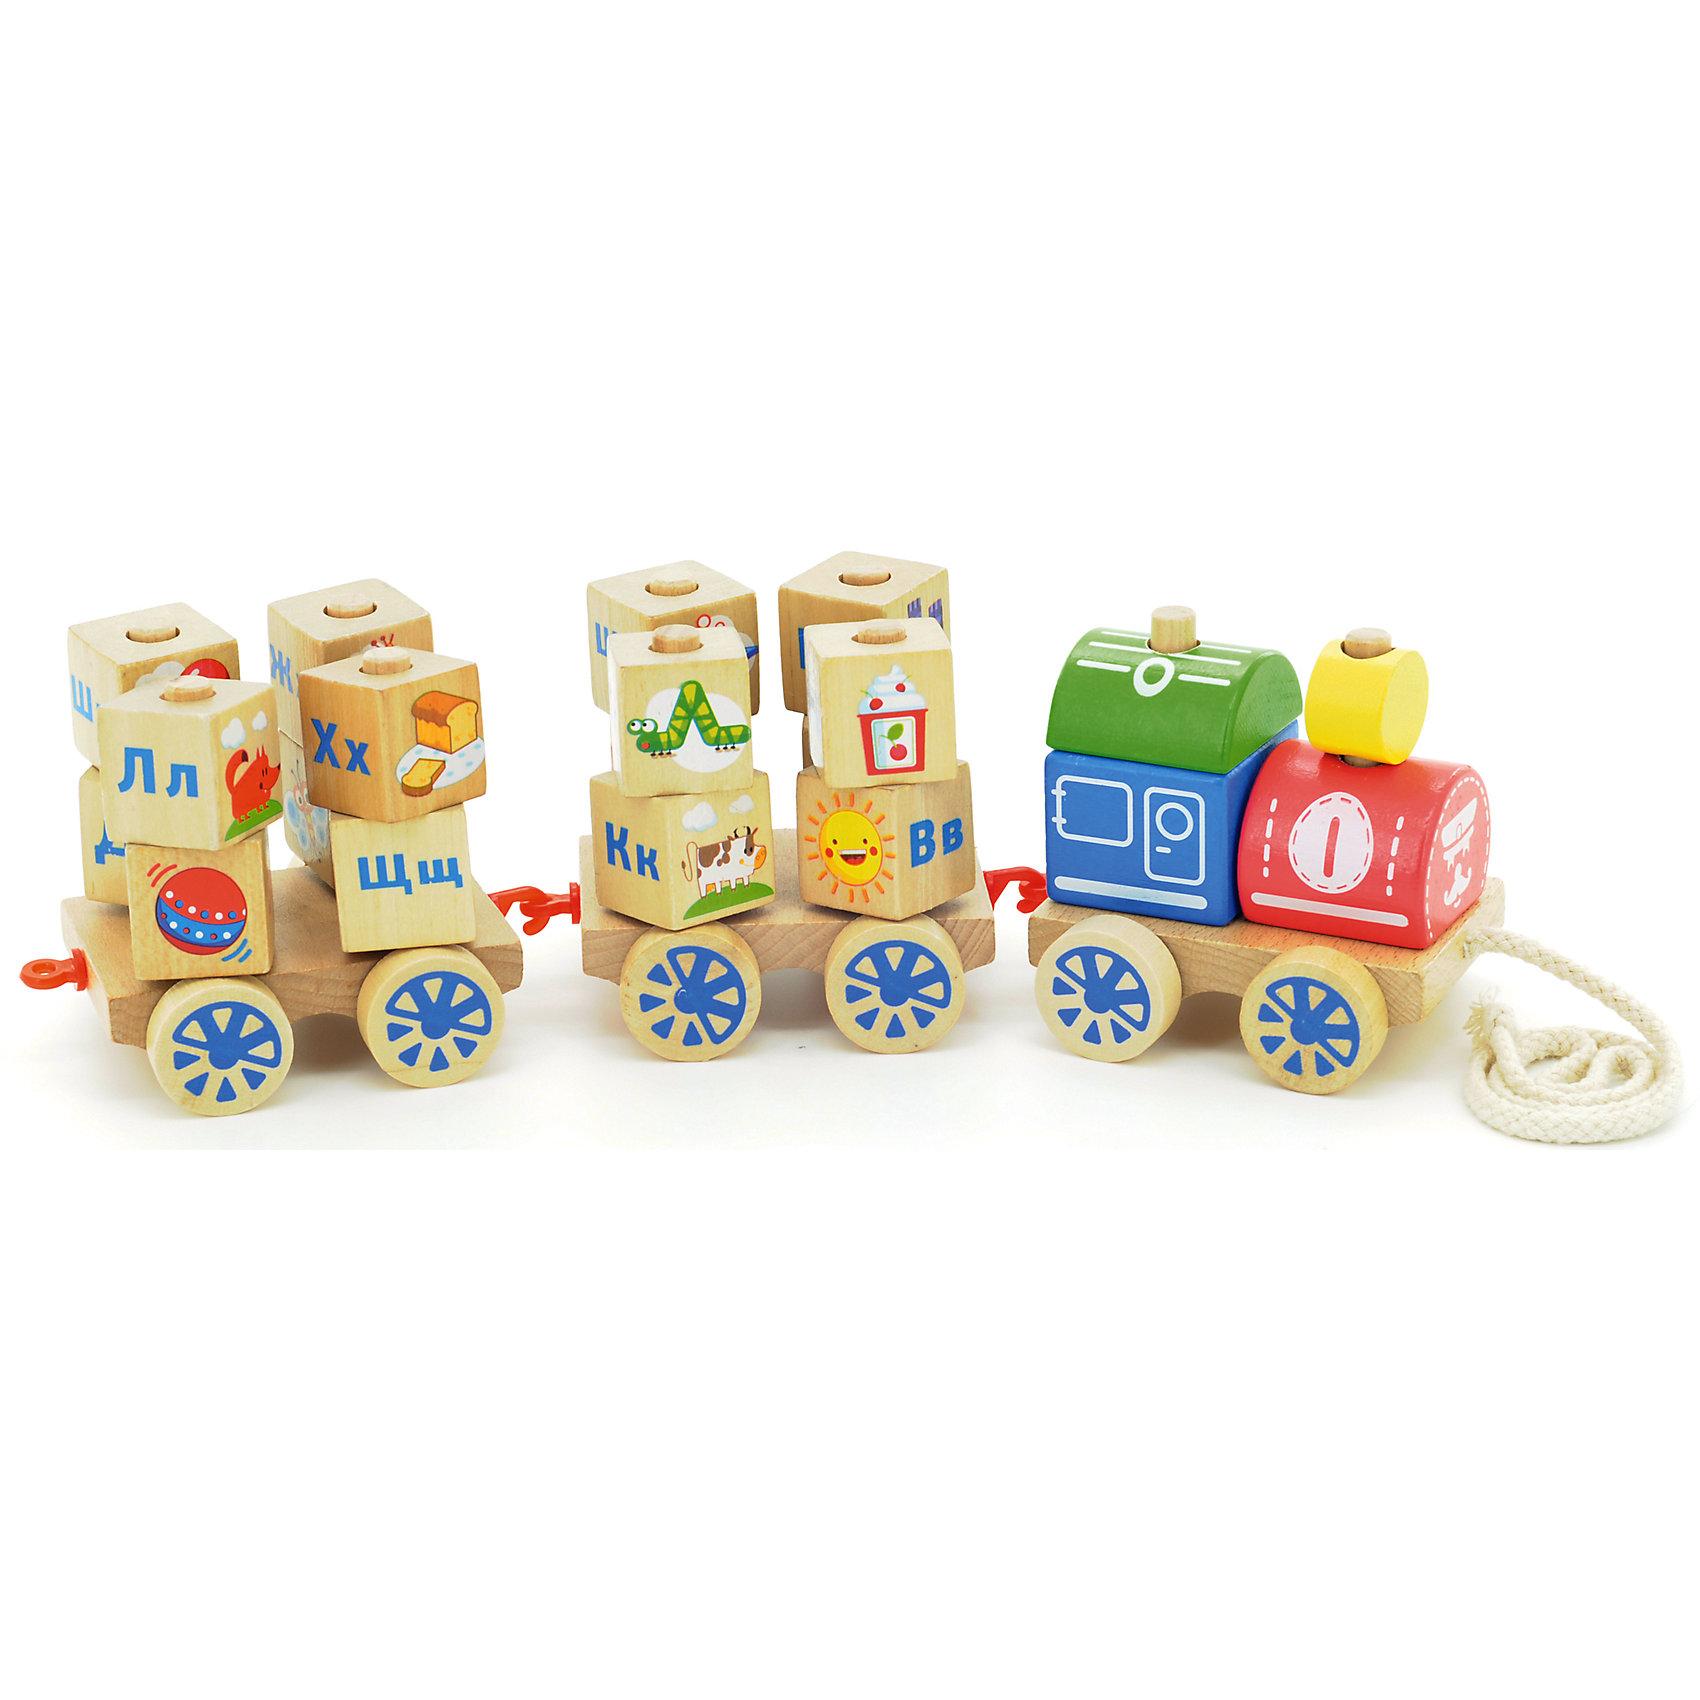 Паровозик Алфавит, МДИМДИ (Мир деревянных игрушек)<br>Характеристики товара:<br><br>- цвет: разноцветный;<br>- материал: дерево;<br>- особенности: помогает развитию важных навыков;<br>- комплектация: паровозик, вагоны, кубики;<br>- размер упаковки: 46х10х10 см;<br>- вес: 880 г.<br><br>Развивать навыки ребенка можно в любом возрасте! Эта обучающая игрушка поможет малышу в игровой форме научиться многому. Игрушка очень качественно выполнена, поэтому она станет отличным подарком ребенку. Она состоит из паровозика, вагонов и кубиков. Такое изделие отлично тренирует у ребенка разные навыки. Играя с ней, малыш осваивает алфавит и счет, развивает мелкую моторику, цветовосприятие, внимание, воображение и творческое мышление.<br>Изделие произведено из высококачественного материала, безопасного для детей.<br><br>Паровозик Алфавит от бренда Мир деревянных игрушек можно купить в нашем интернет-магазине.<br><br>Ширина мм: 46<br>Глубина мм: 10<br>Высота мм: 10<br>Вес г: 890<br>Возраст от месяцев: 36<br>Возраст до месяцев: 2147483647<br>Пол: Унисекс<br>Возраст: Детский<br>SKU: 5048949